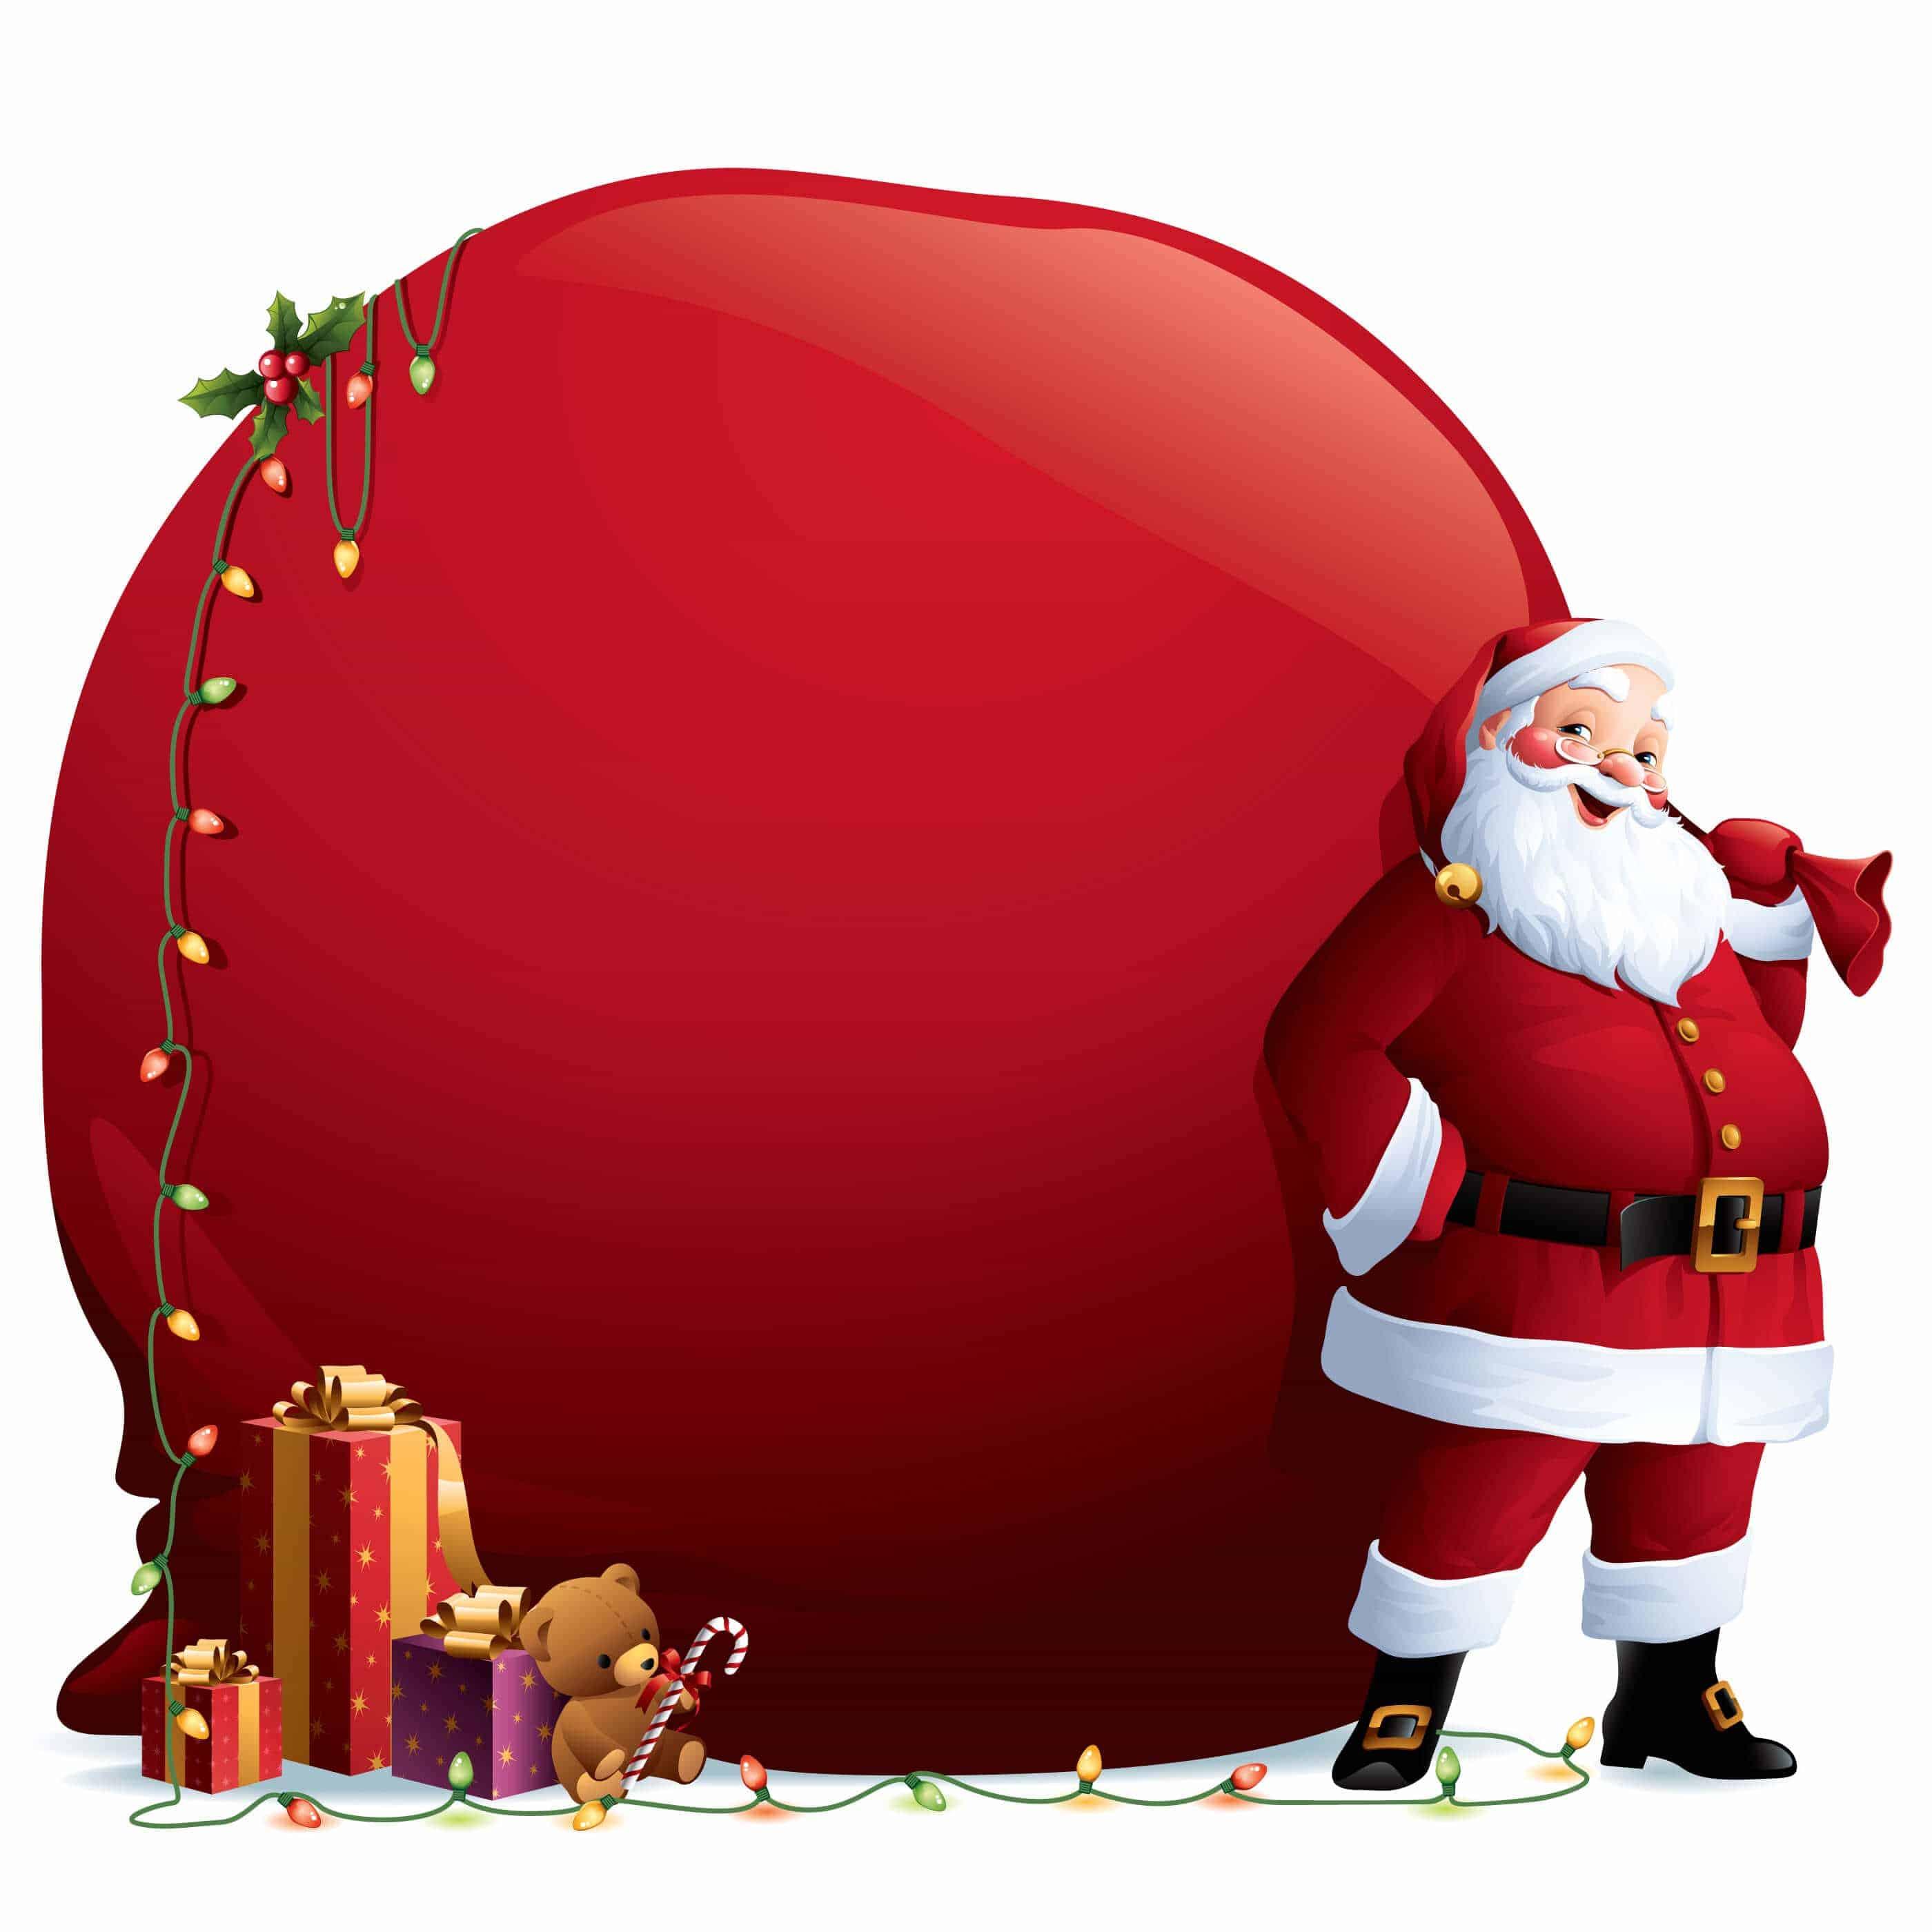 Santa Claus of Student Loan Debt